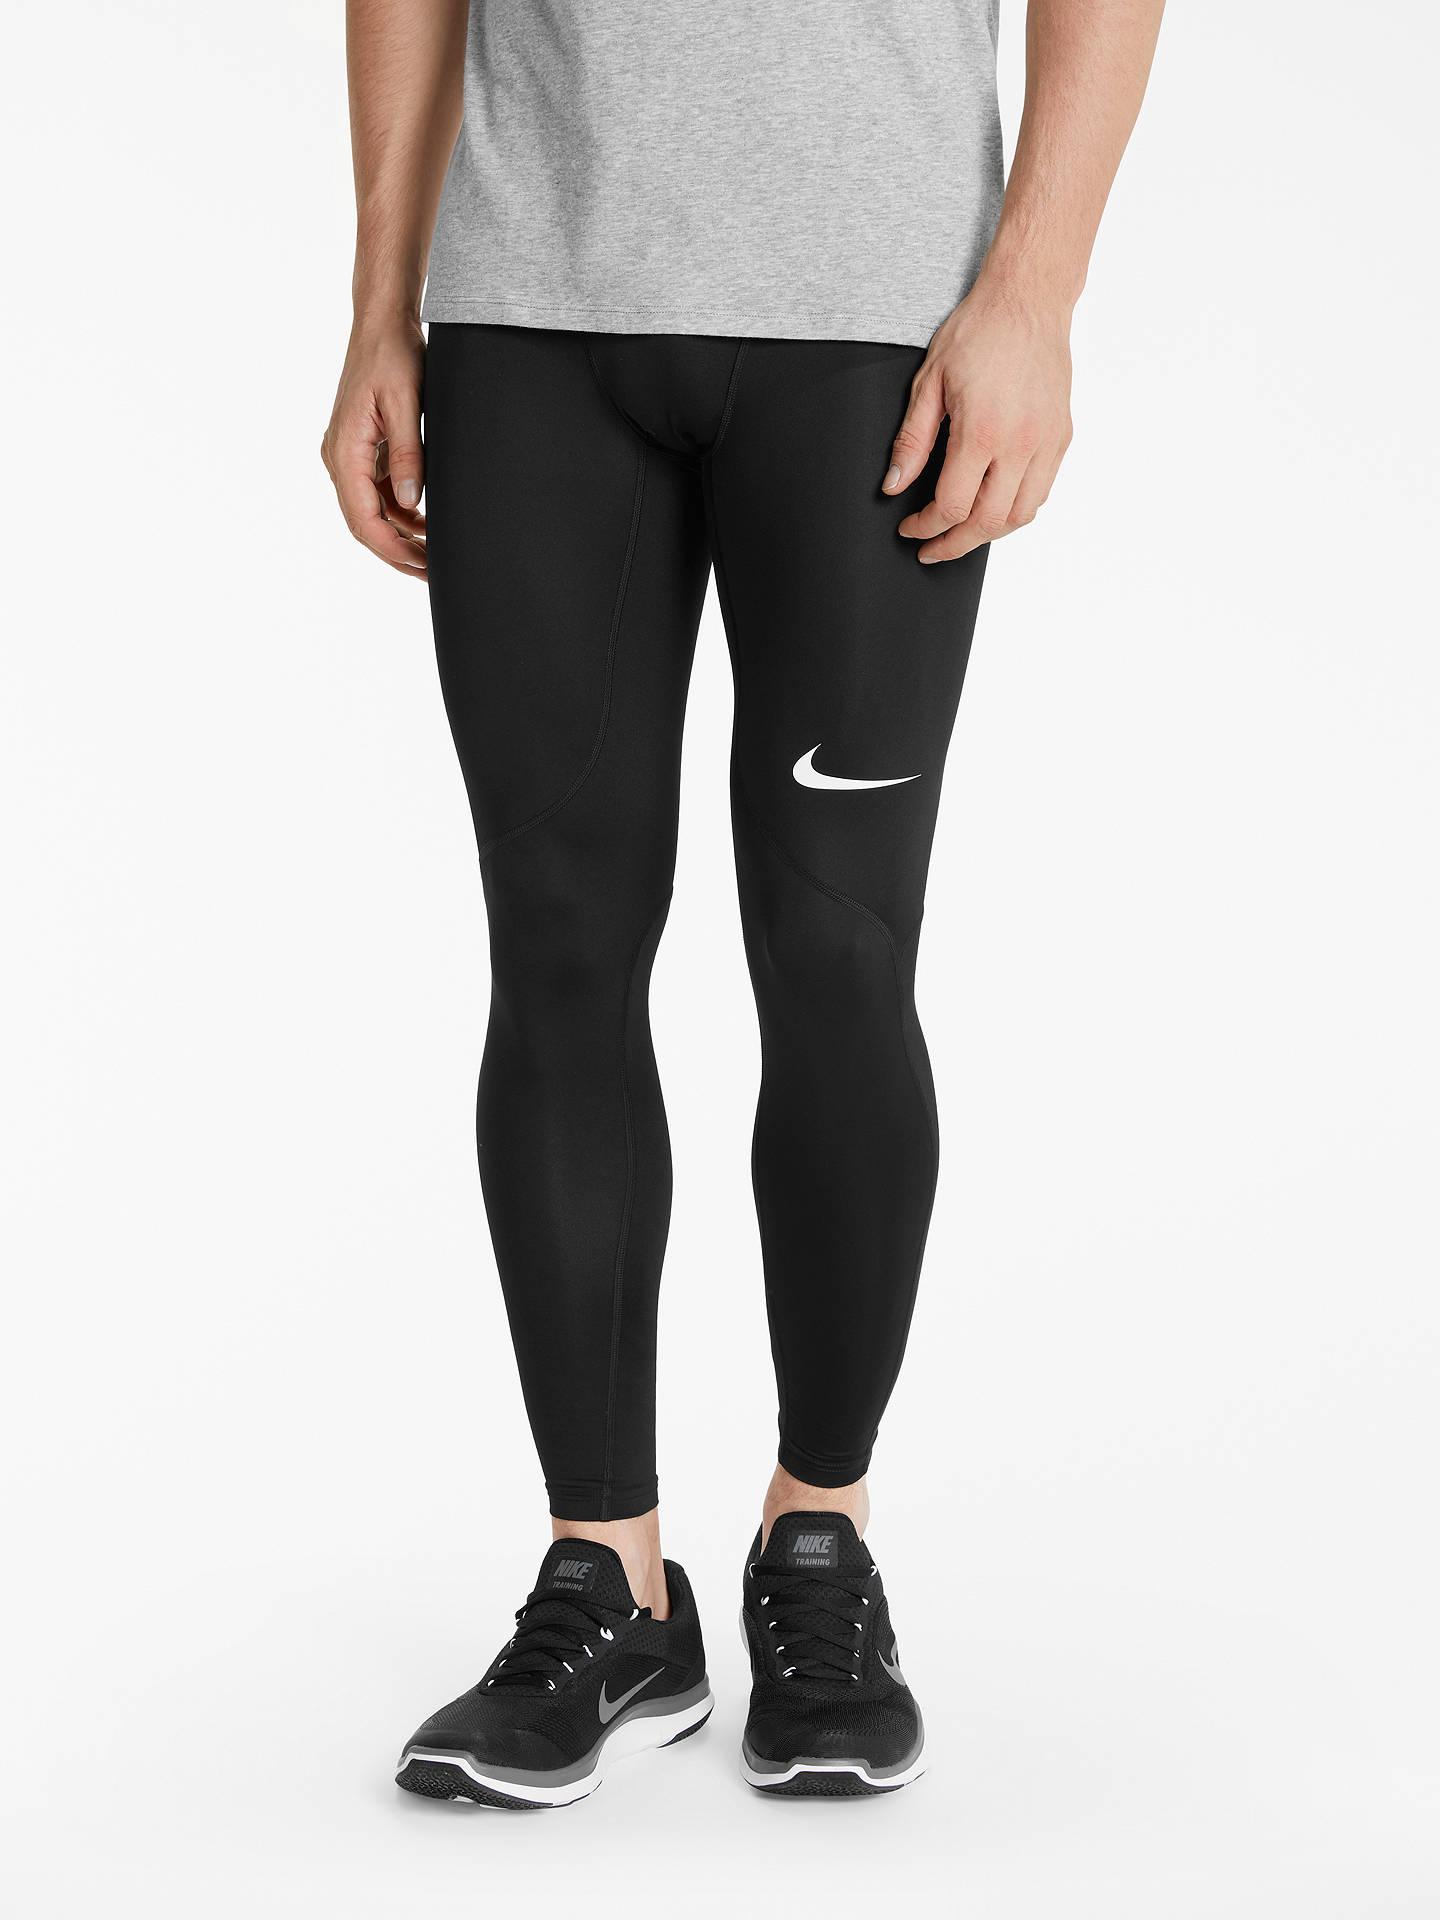 abe4f69bec3 Buy Nike Pro Training Tights